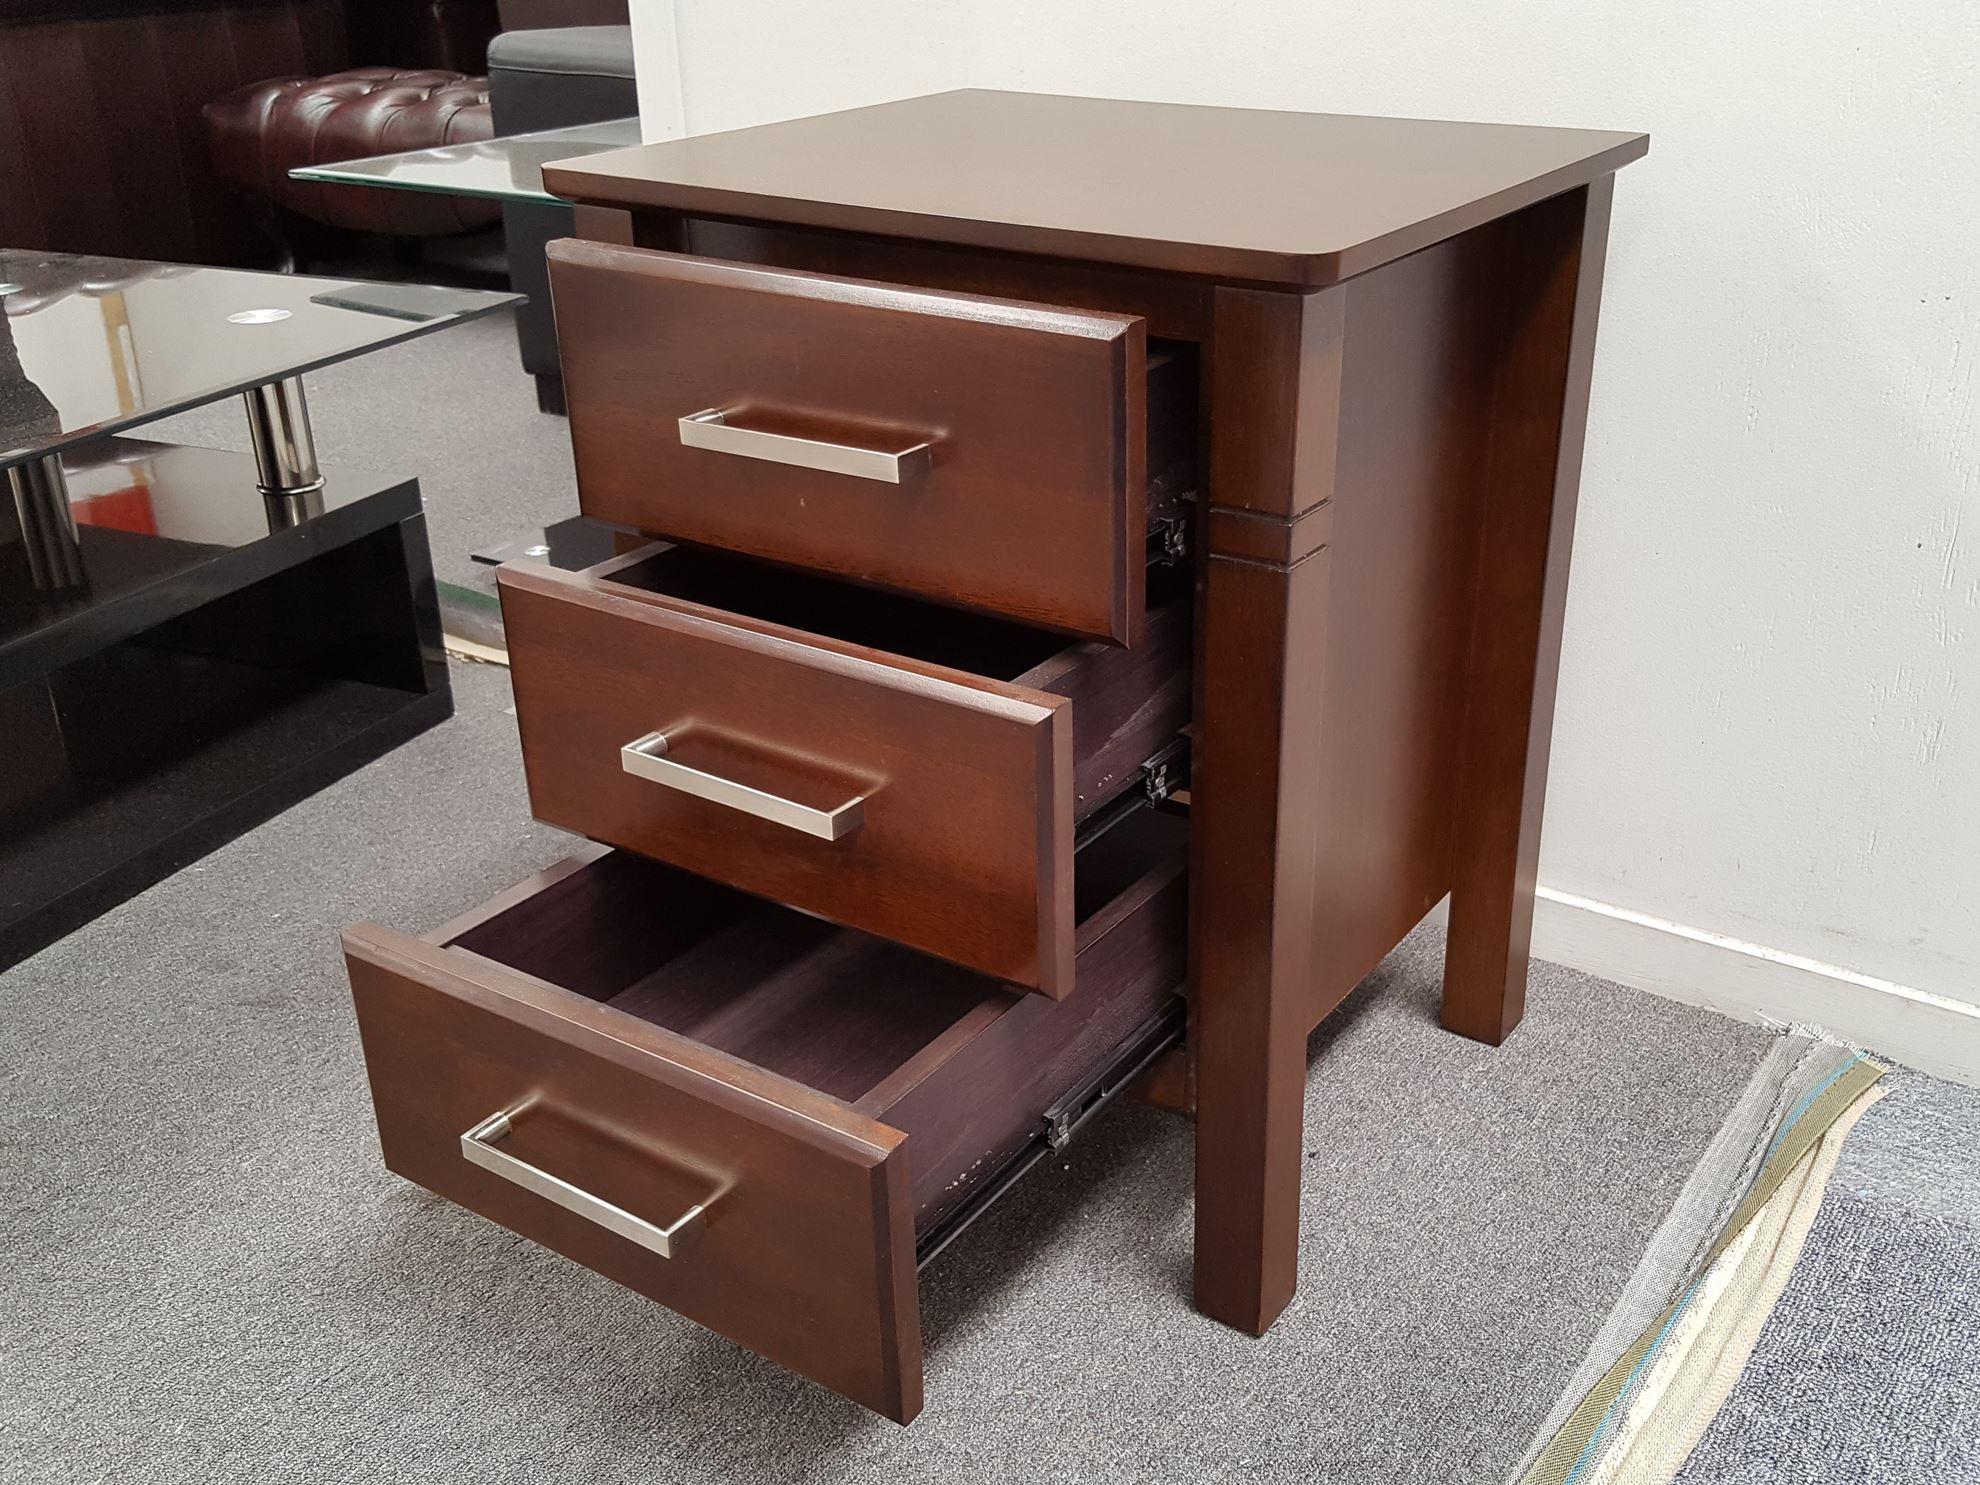 furniture place wenge jessica bedside table. Black Bedroom Furniture Sets. Home Design Ideas